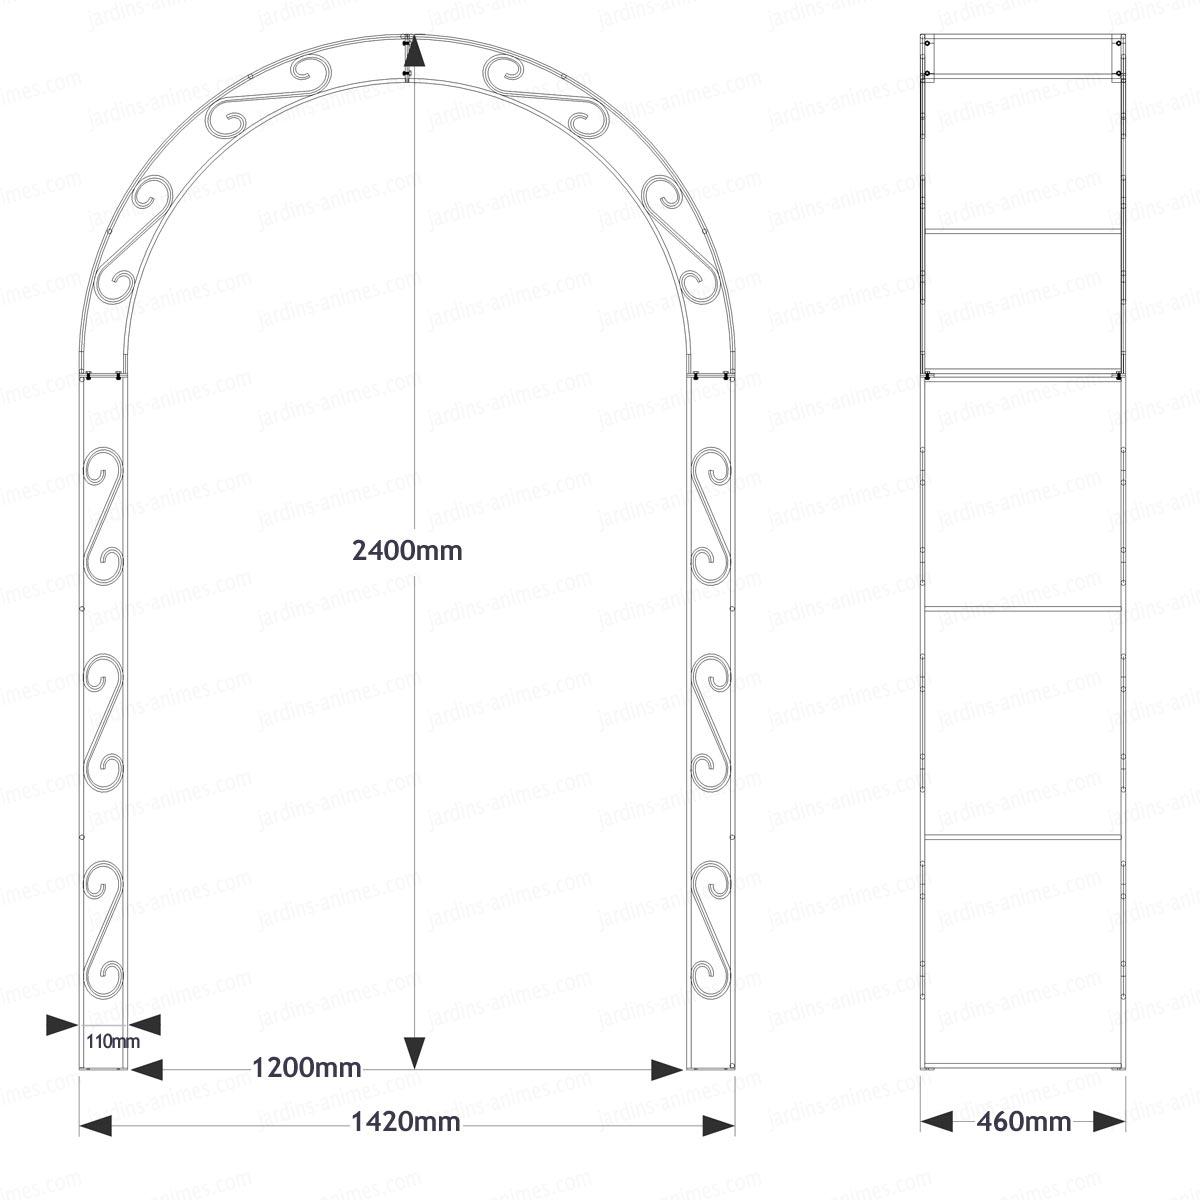 arche de jardin arrondie en acier plein arches kiosque. Black Bedroom Furniture Sets. Home Design Ideas